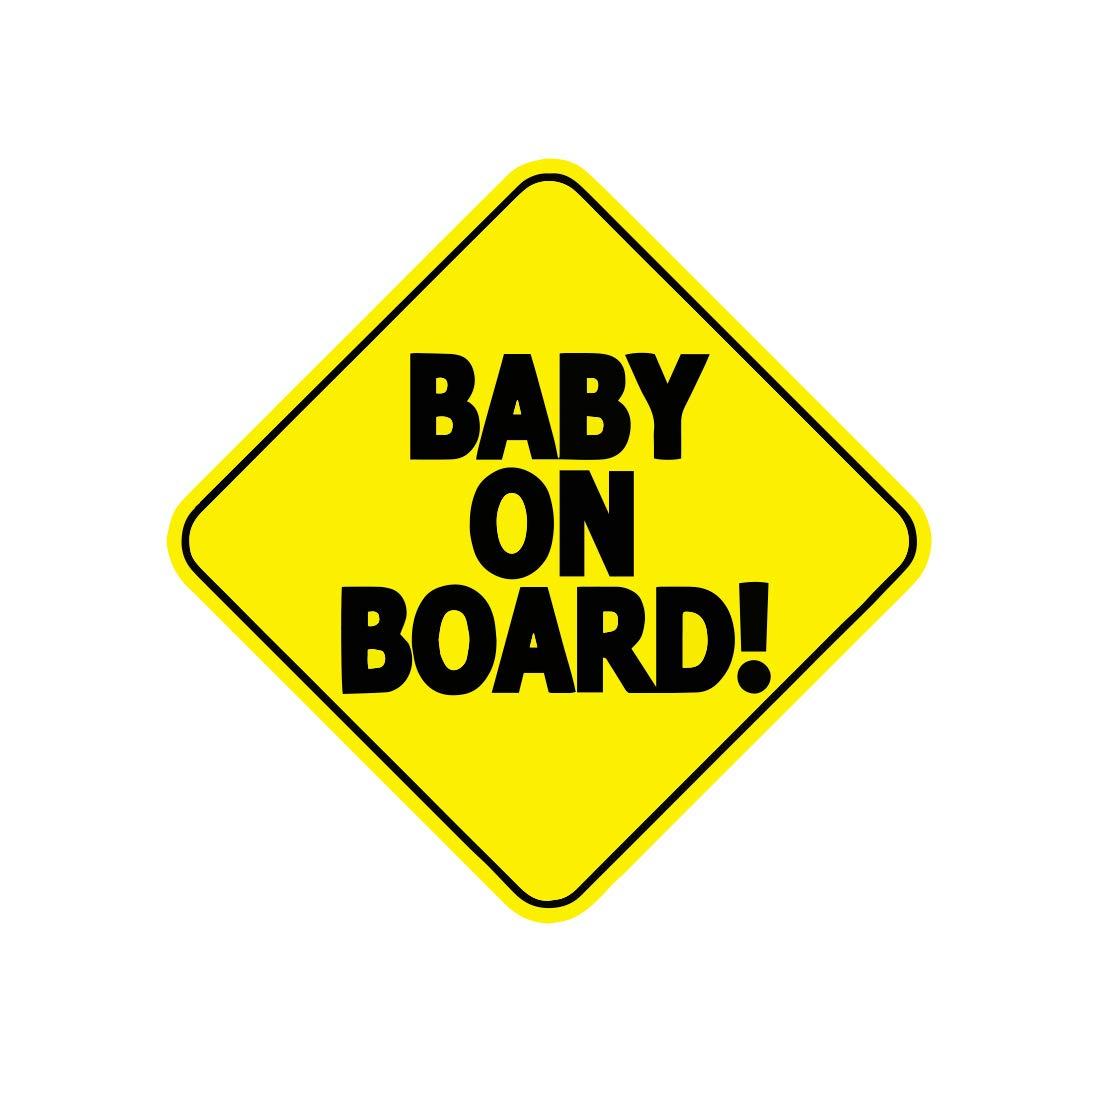 Baby On Board Panneau Sécurité Bébé autocollant pour voiture 5x 5par stickychimp